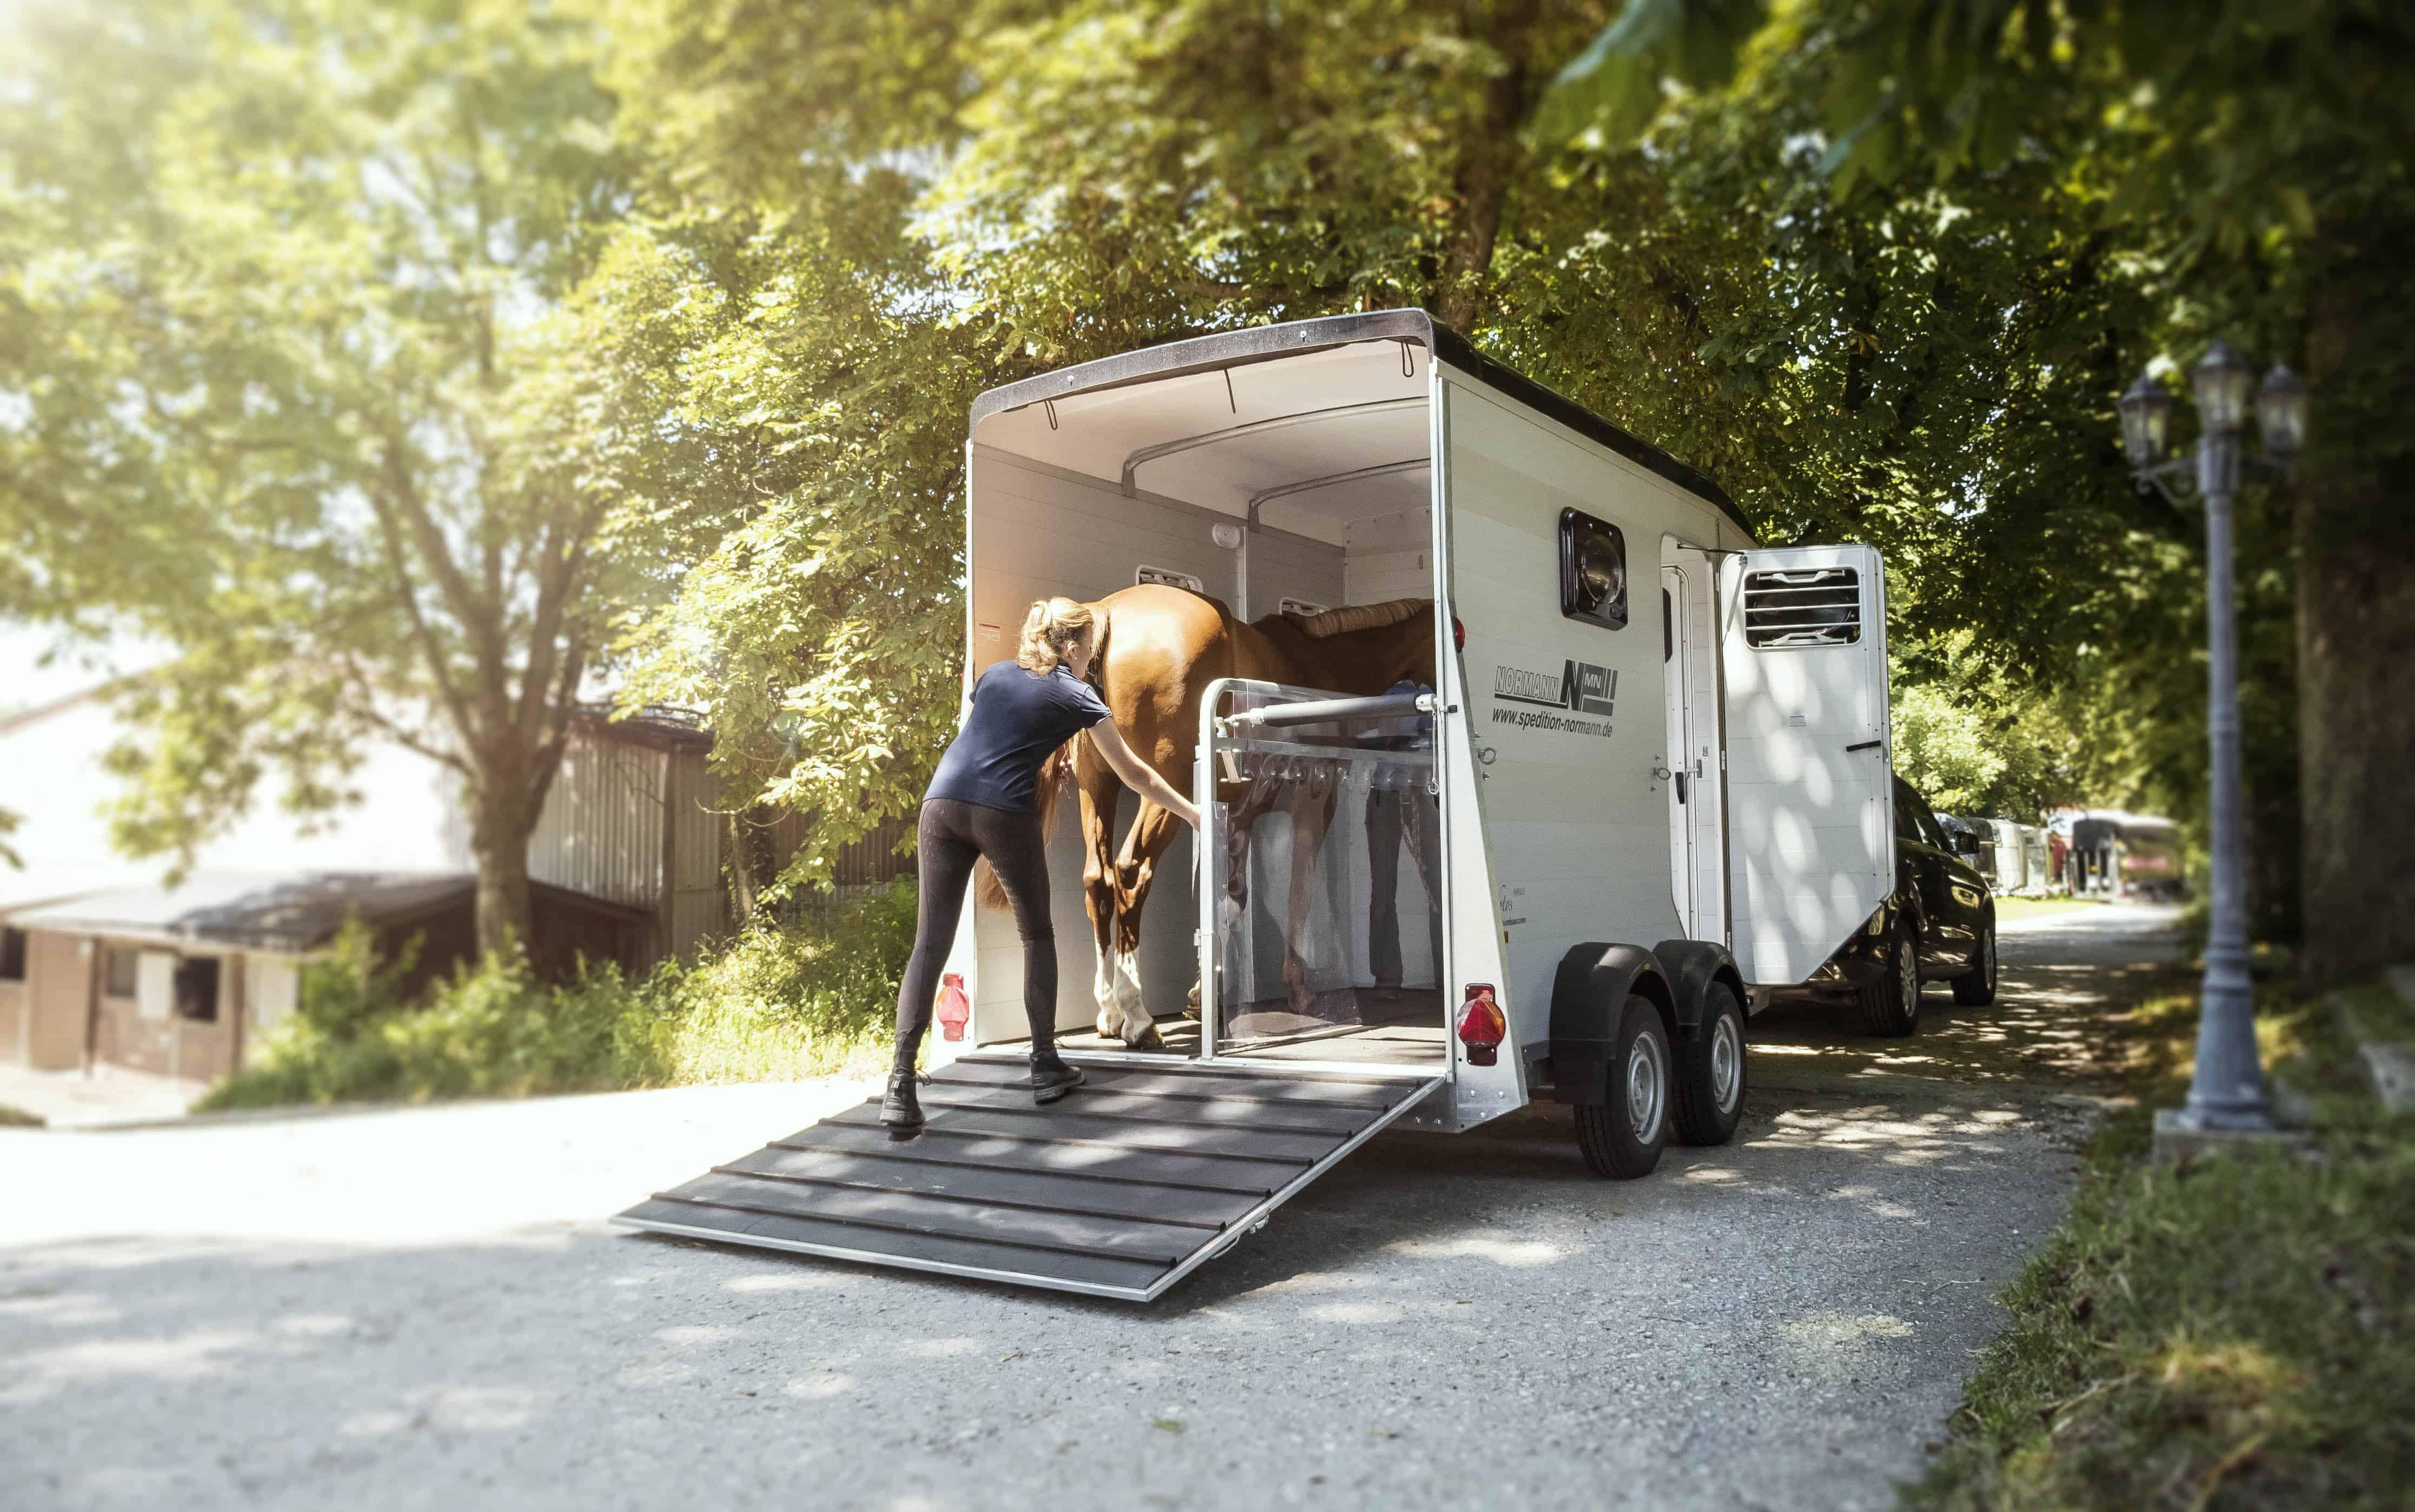 pferdeanh nger kaufen auf was muss ich achten pferdewissen online. Black Bedroom Furniture Sets. Home Design Ideas